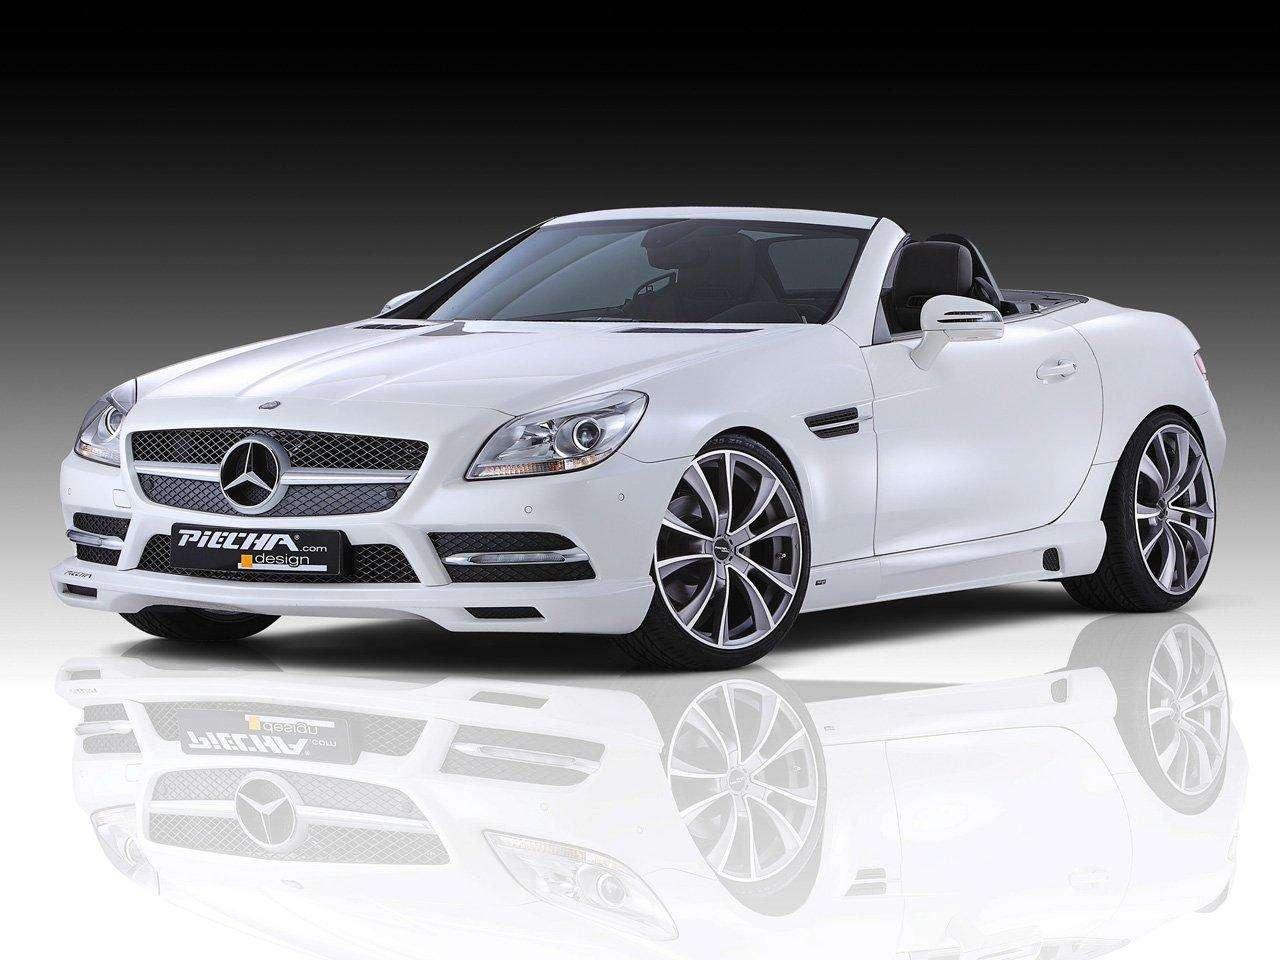 Mercedes SLK piecha design maj 2011